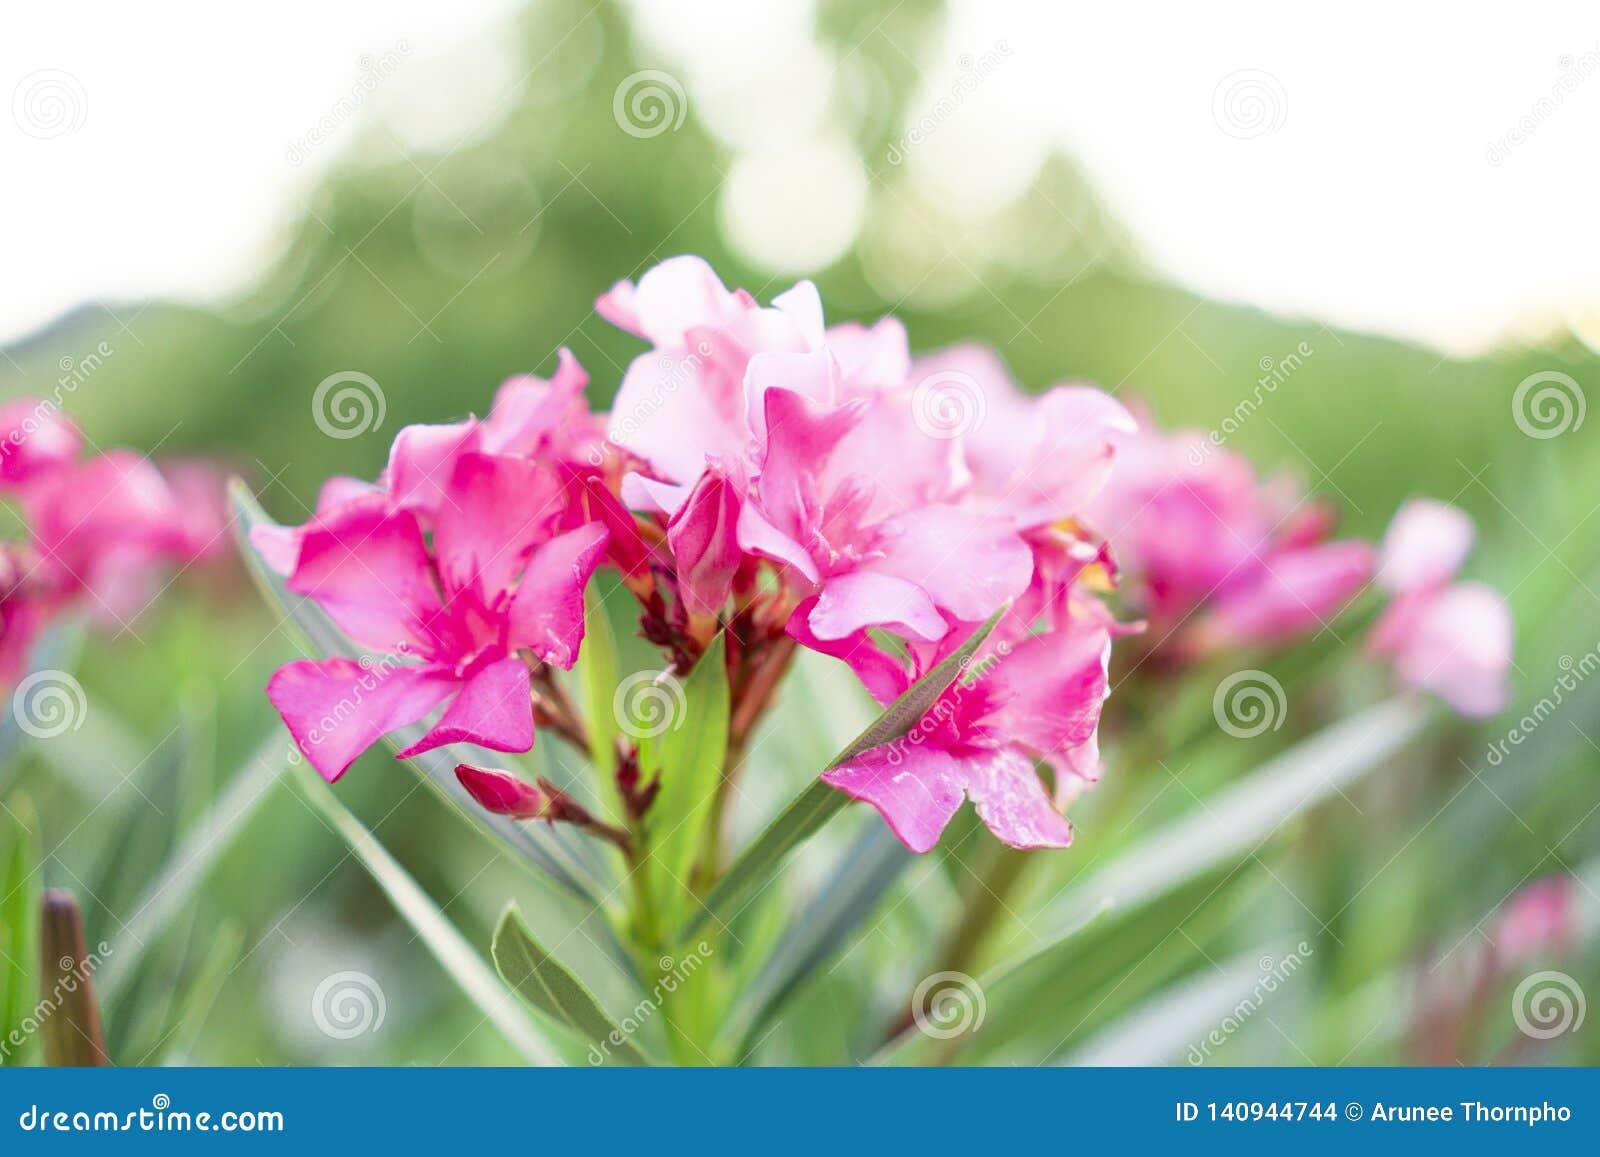 Een boeket van mooie roze bloemblaadjes die van geurige Zoete Oleander of Rose Bay, op groen bloeien doorbladert en onscherpe ach